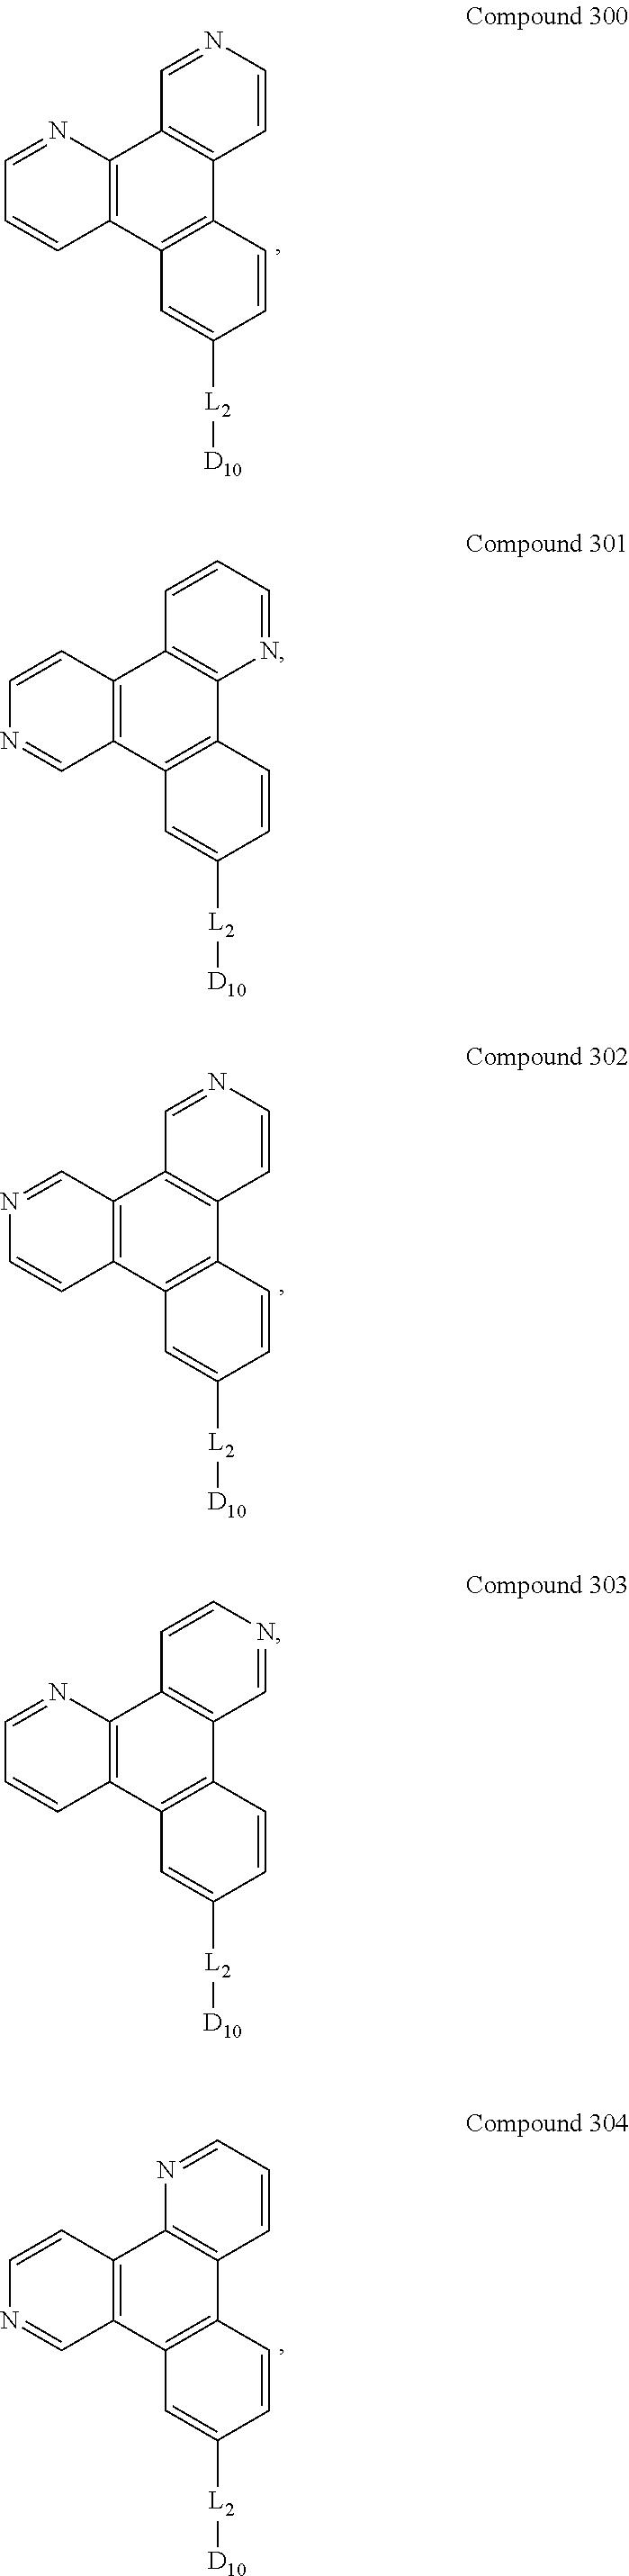 Figure US09537106-20170103-C00096